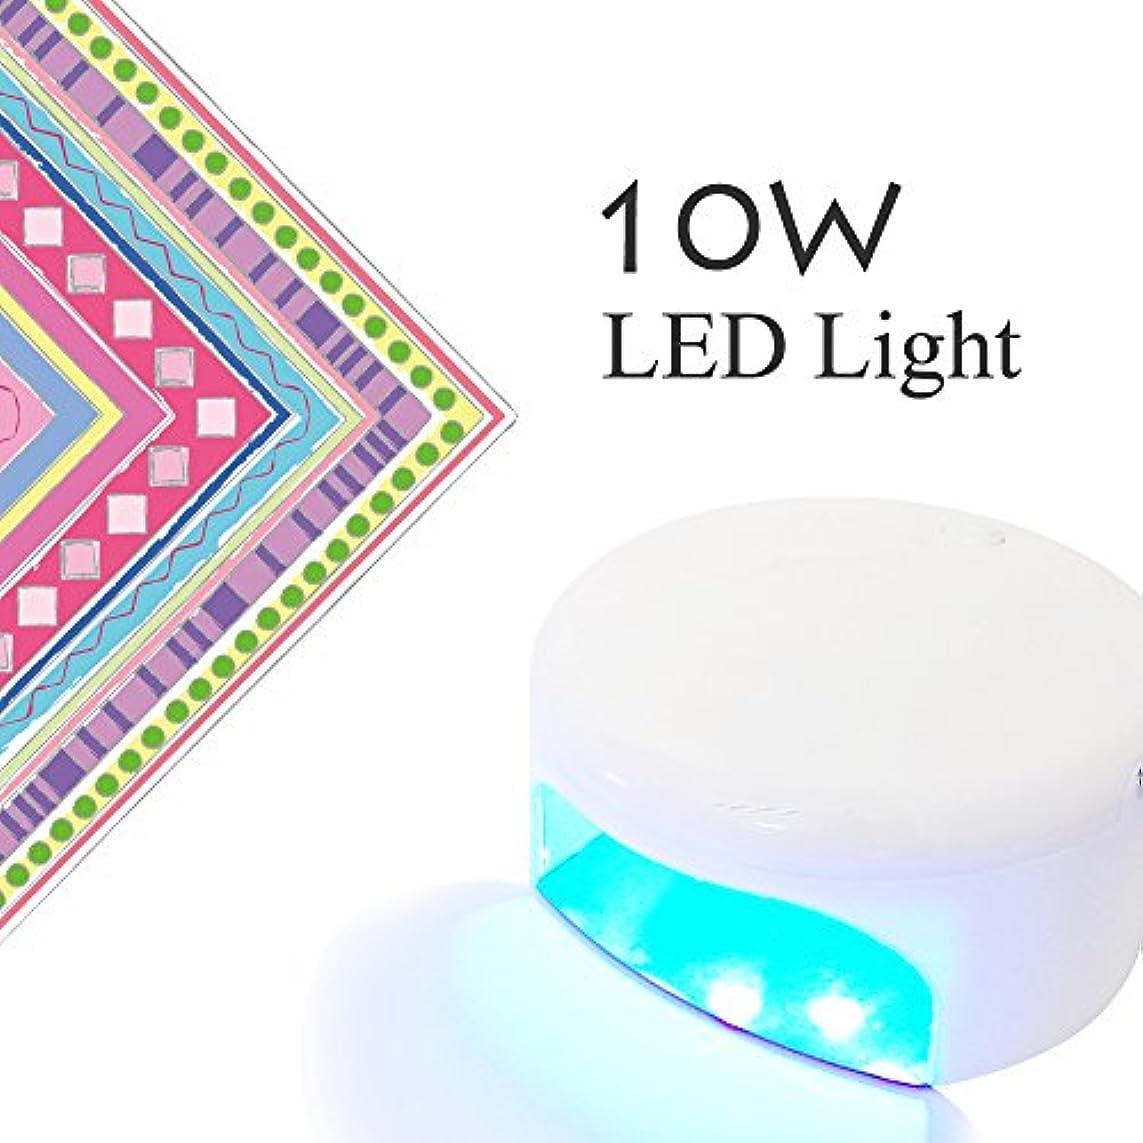 大陸式解き明かすネイル用LEDライト 10W チップLED搭載 【LED10wライト】コンパクトハイパワー保証書。取扱説明書付き ジェルネイル (10W)